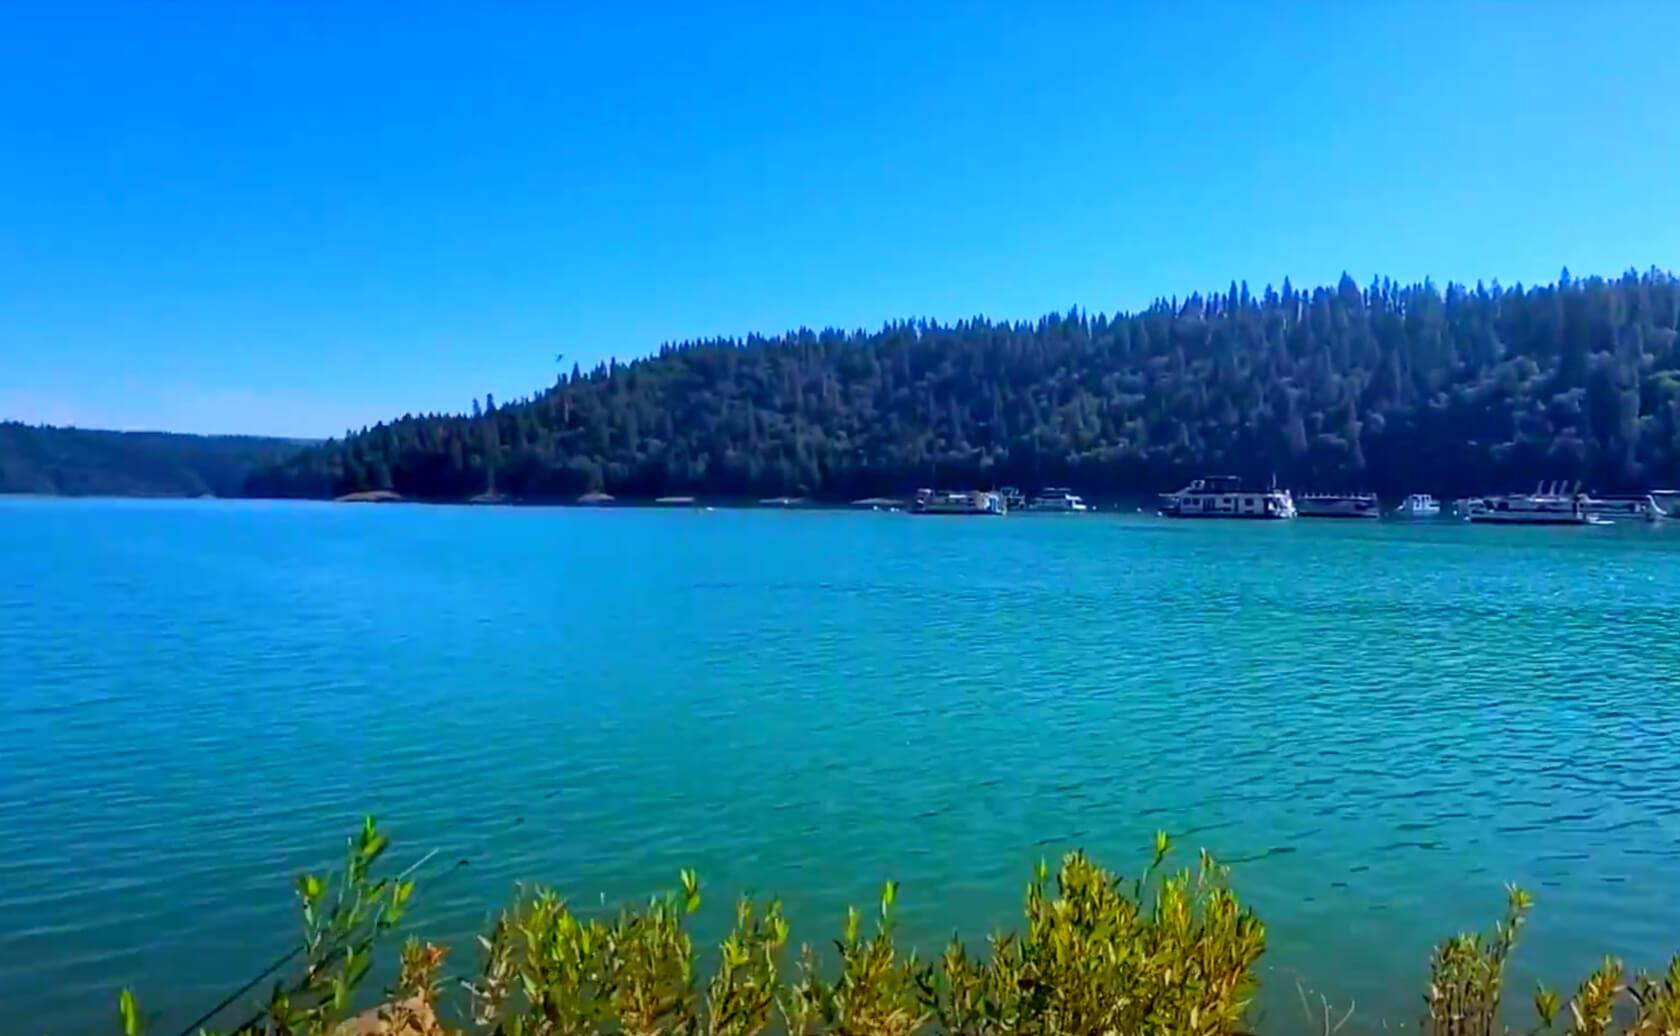 New-Bullards-Bar-Reservoir-Lake-Fishing-Guide-Report-California-03